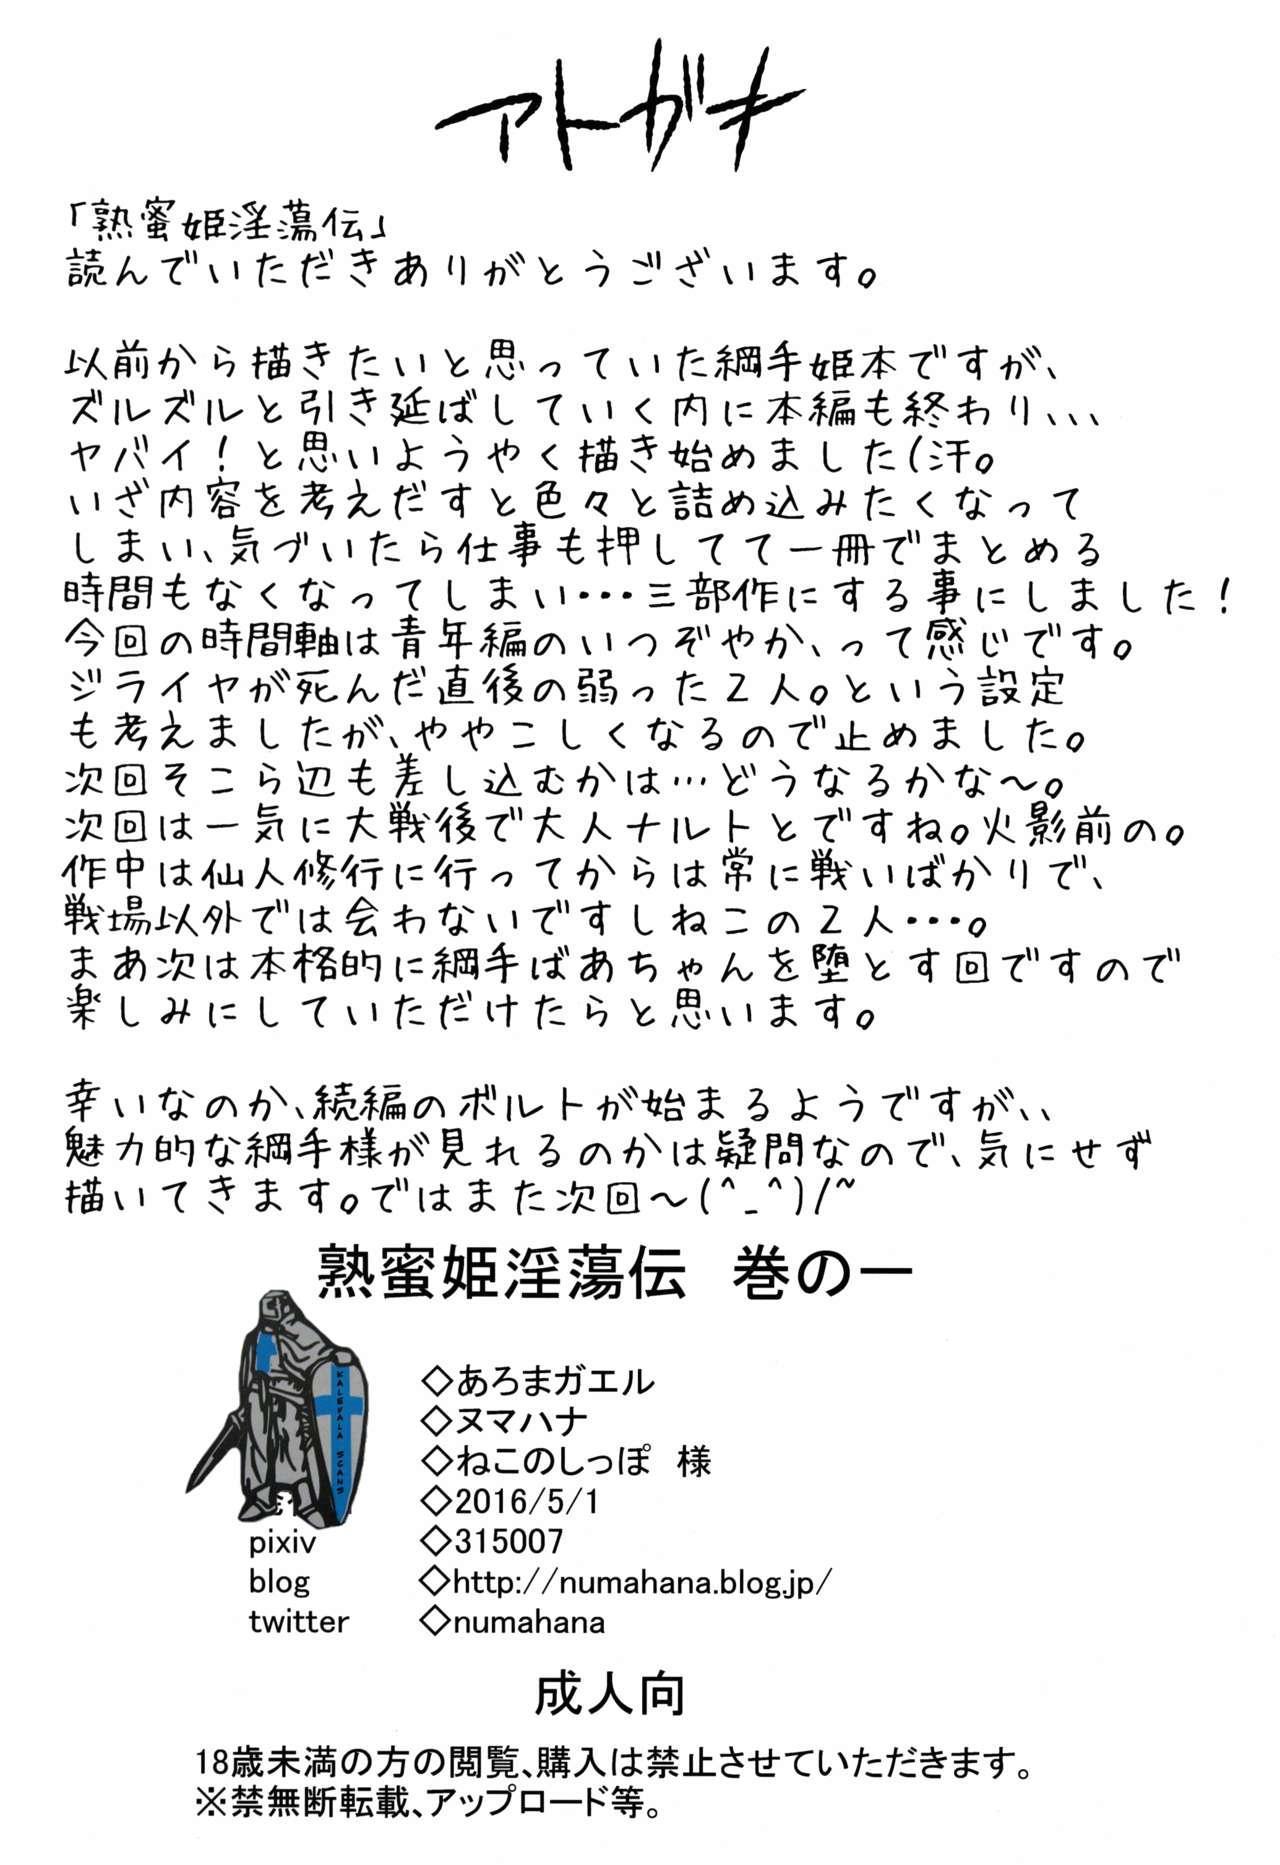 Jukumitsuki Intouden Maki no Ichi 23